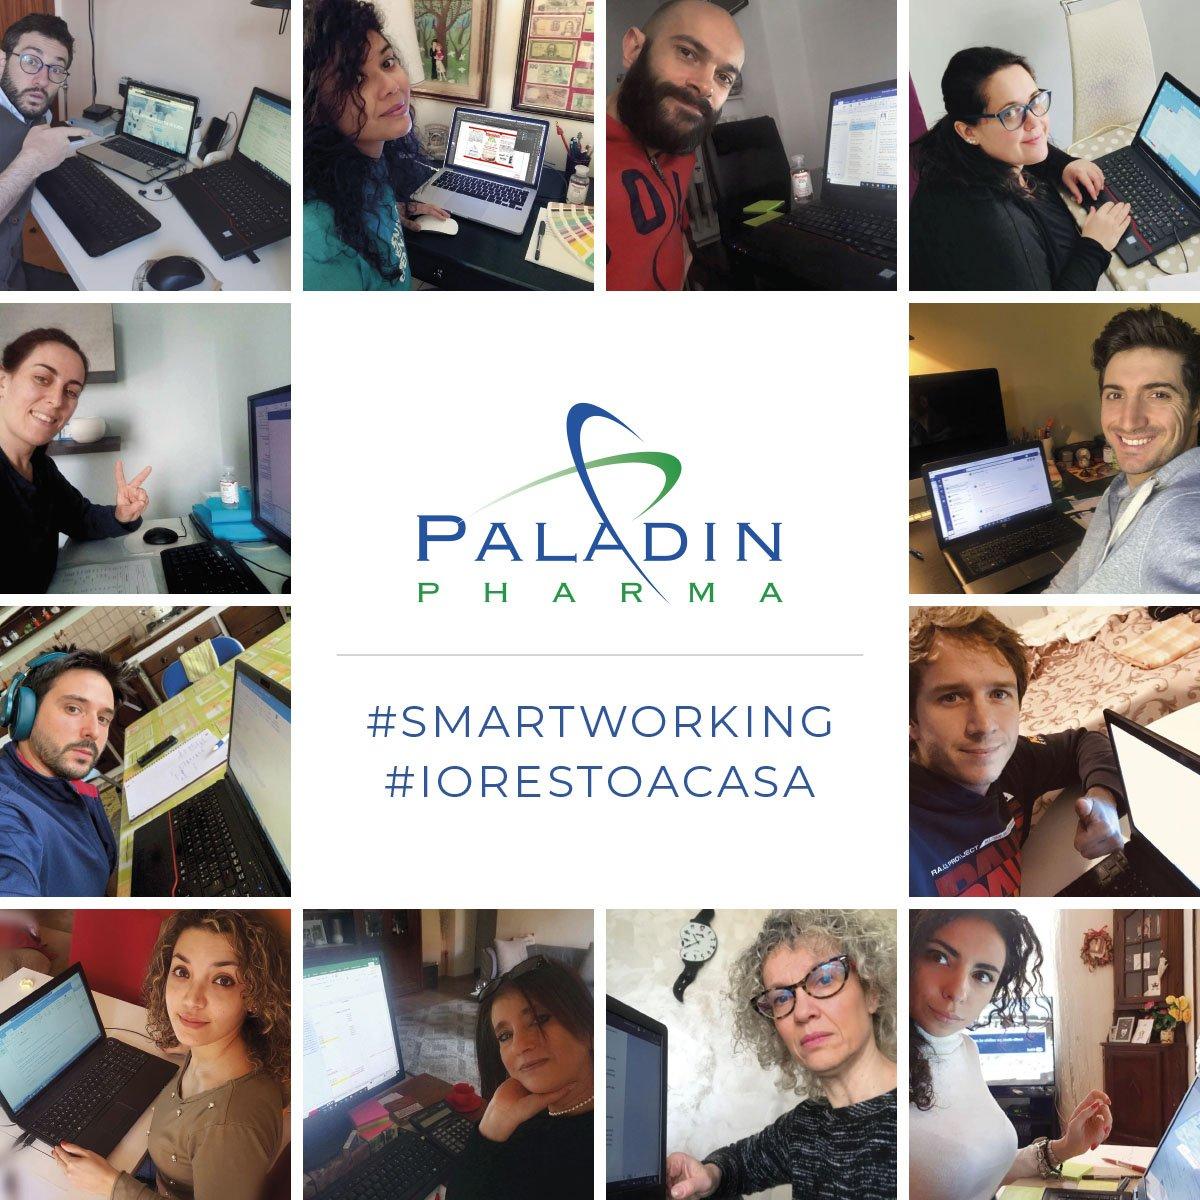 PALADINPHARMA - Smartworking Time